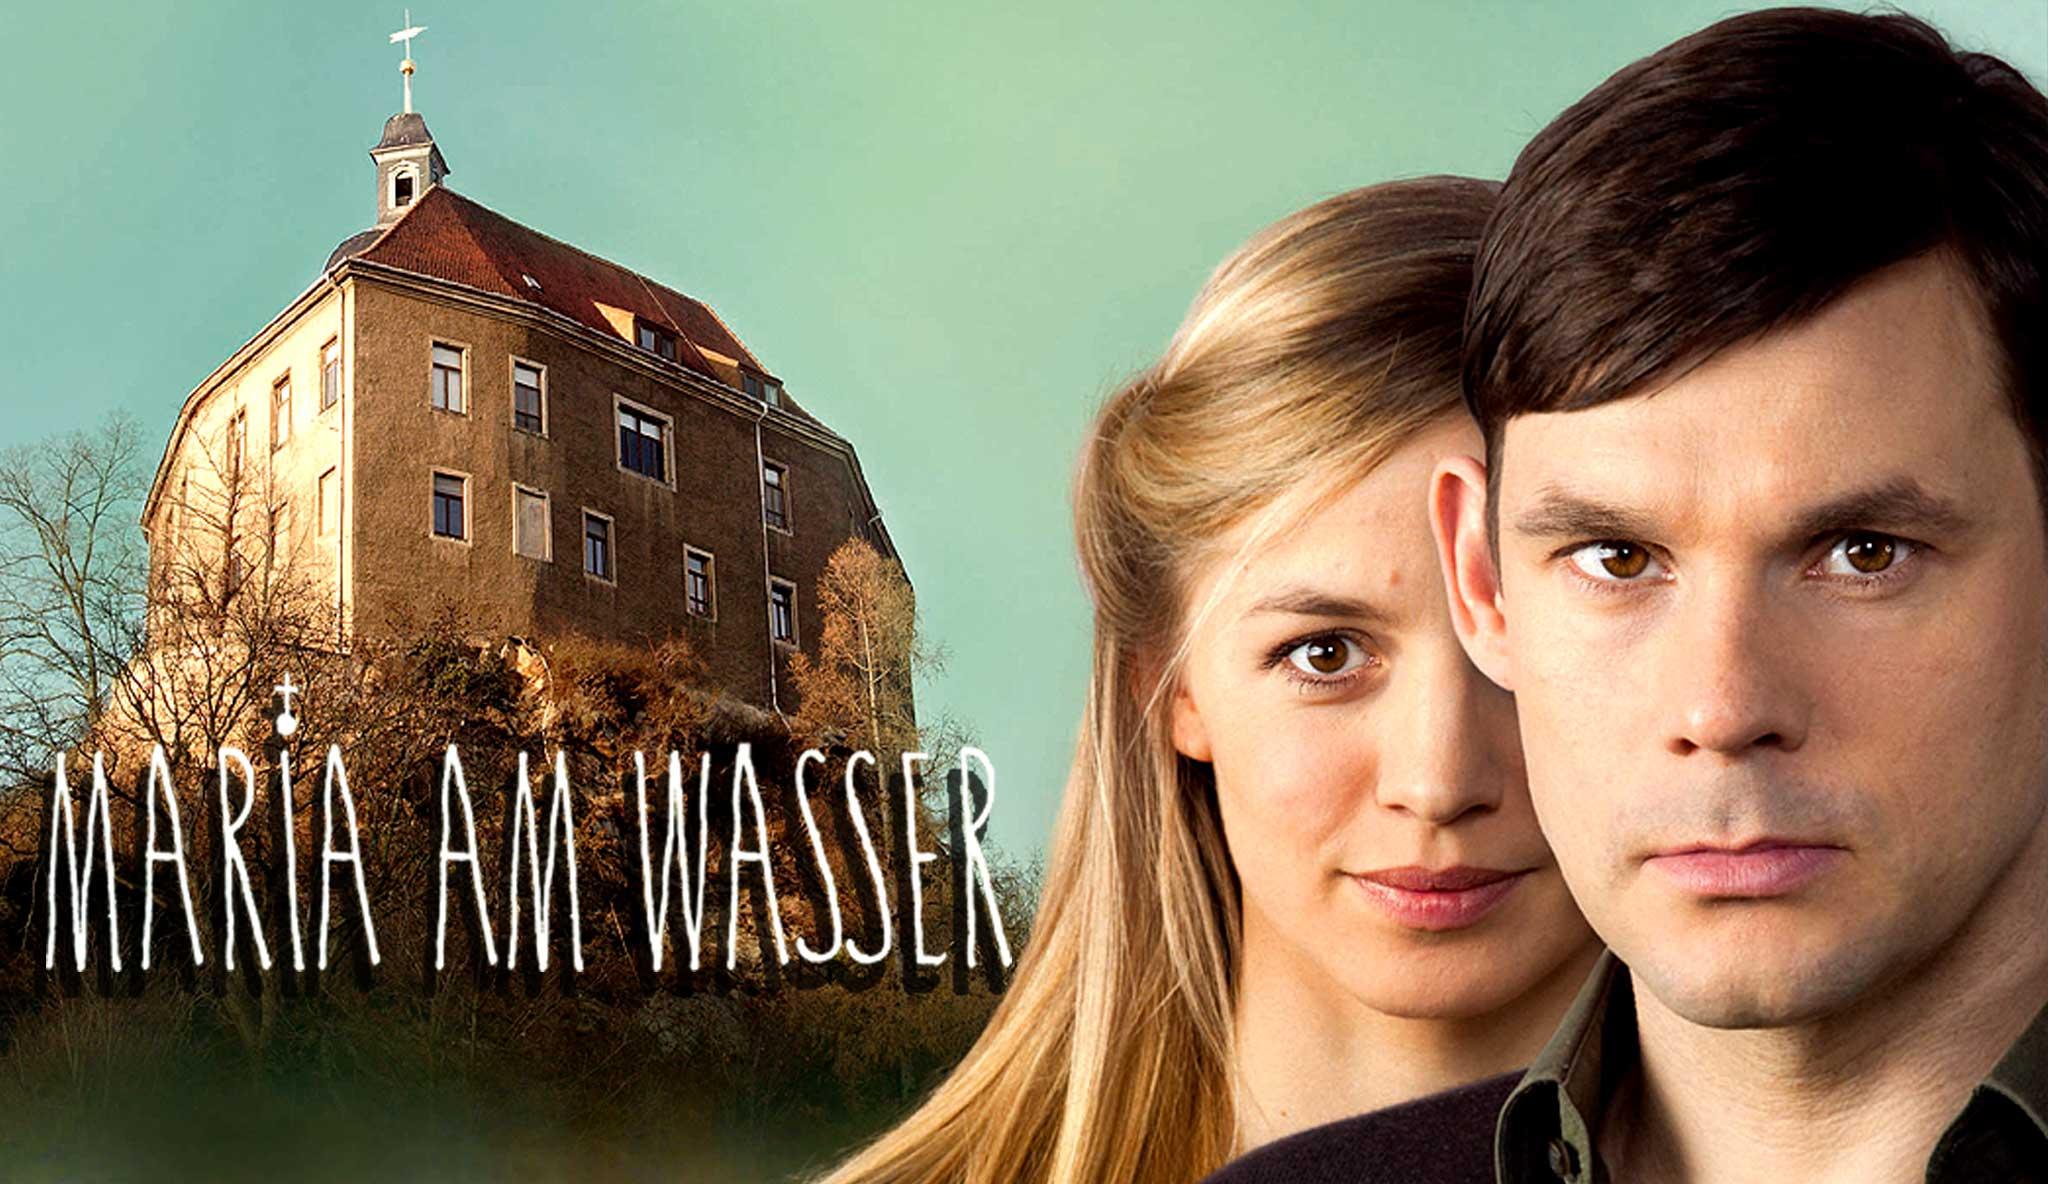 maria-am-wasser-mit-englischen-untertiteln\header.jpg